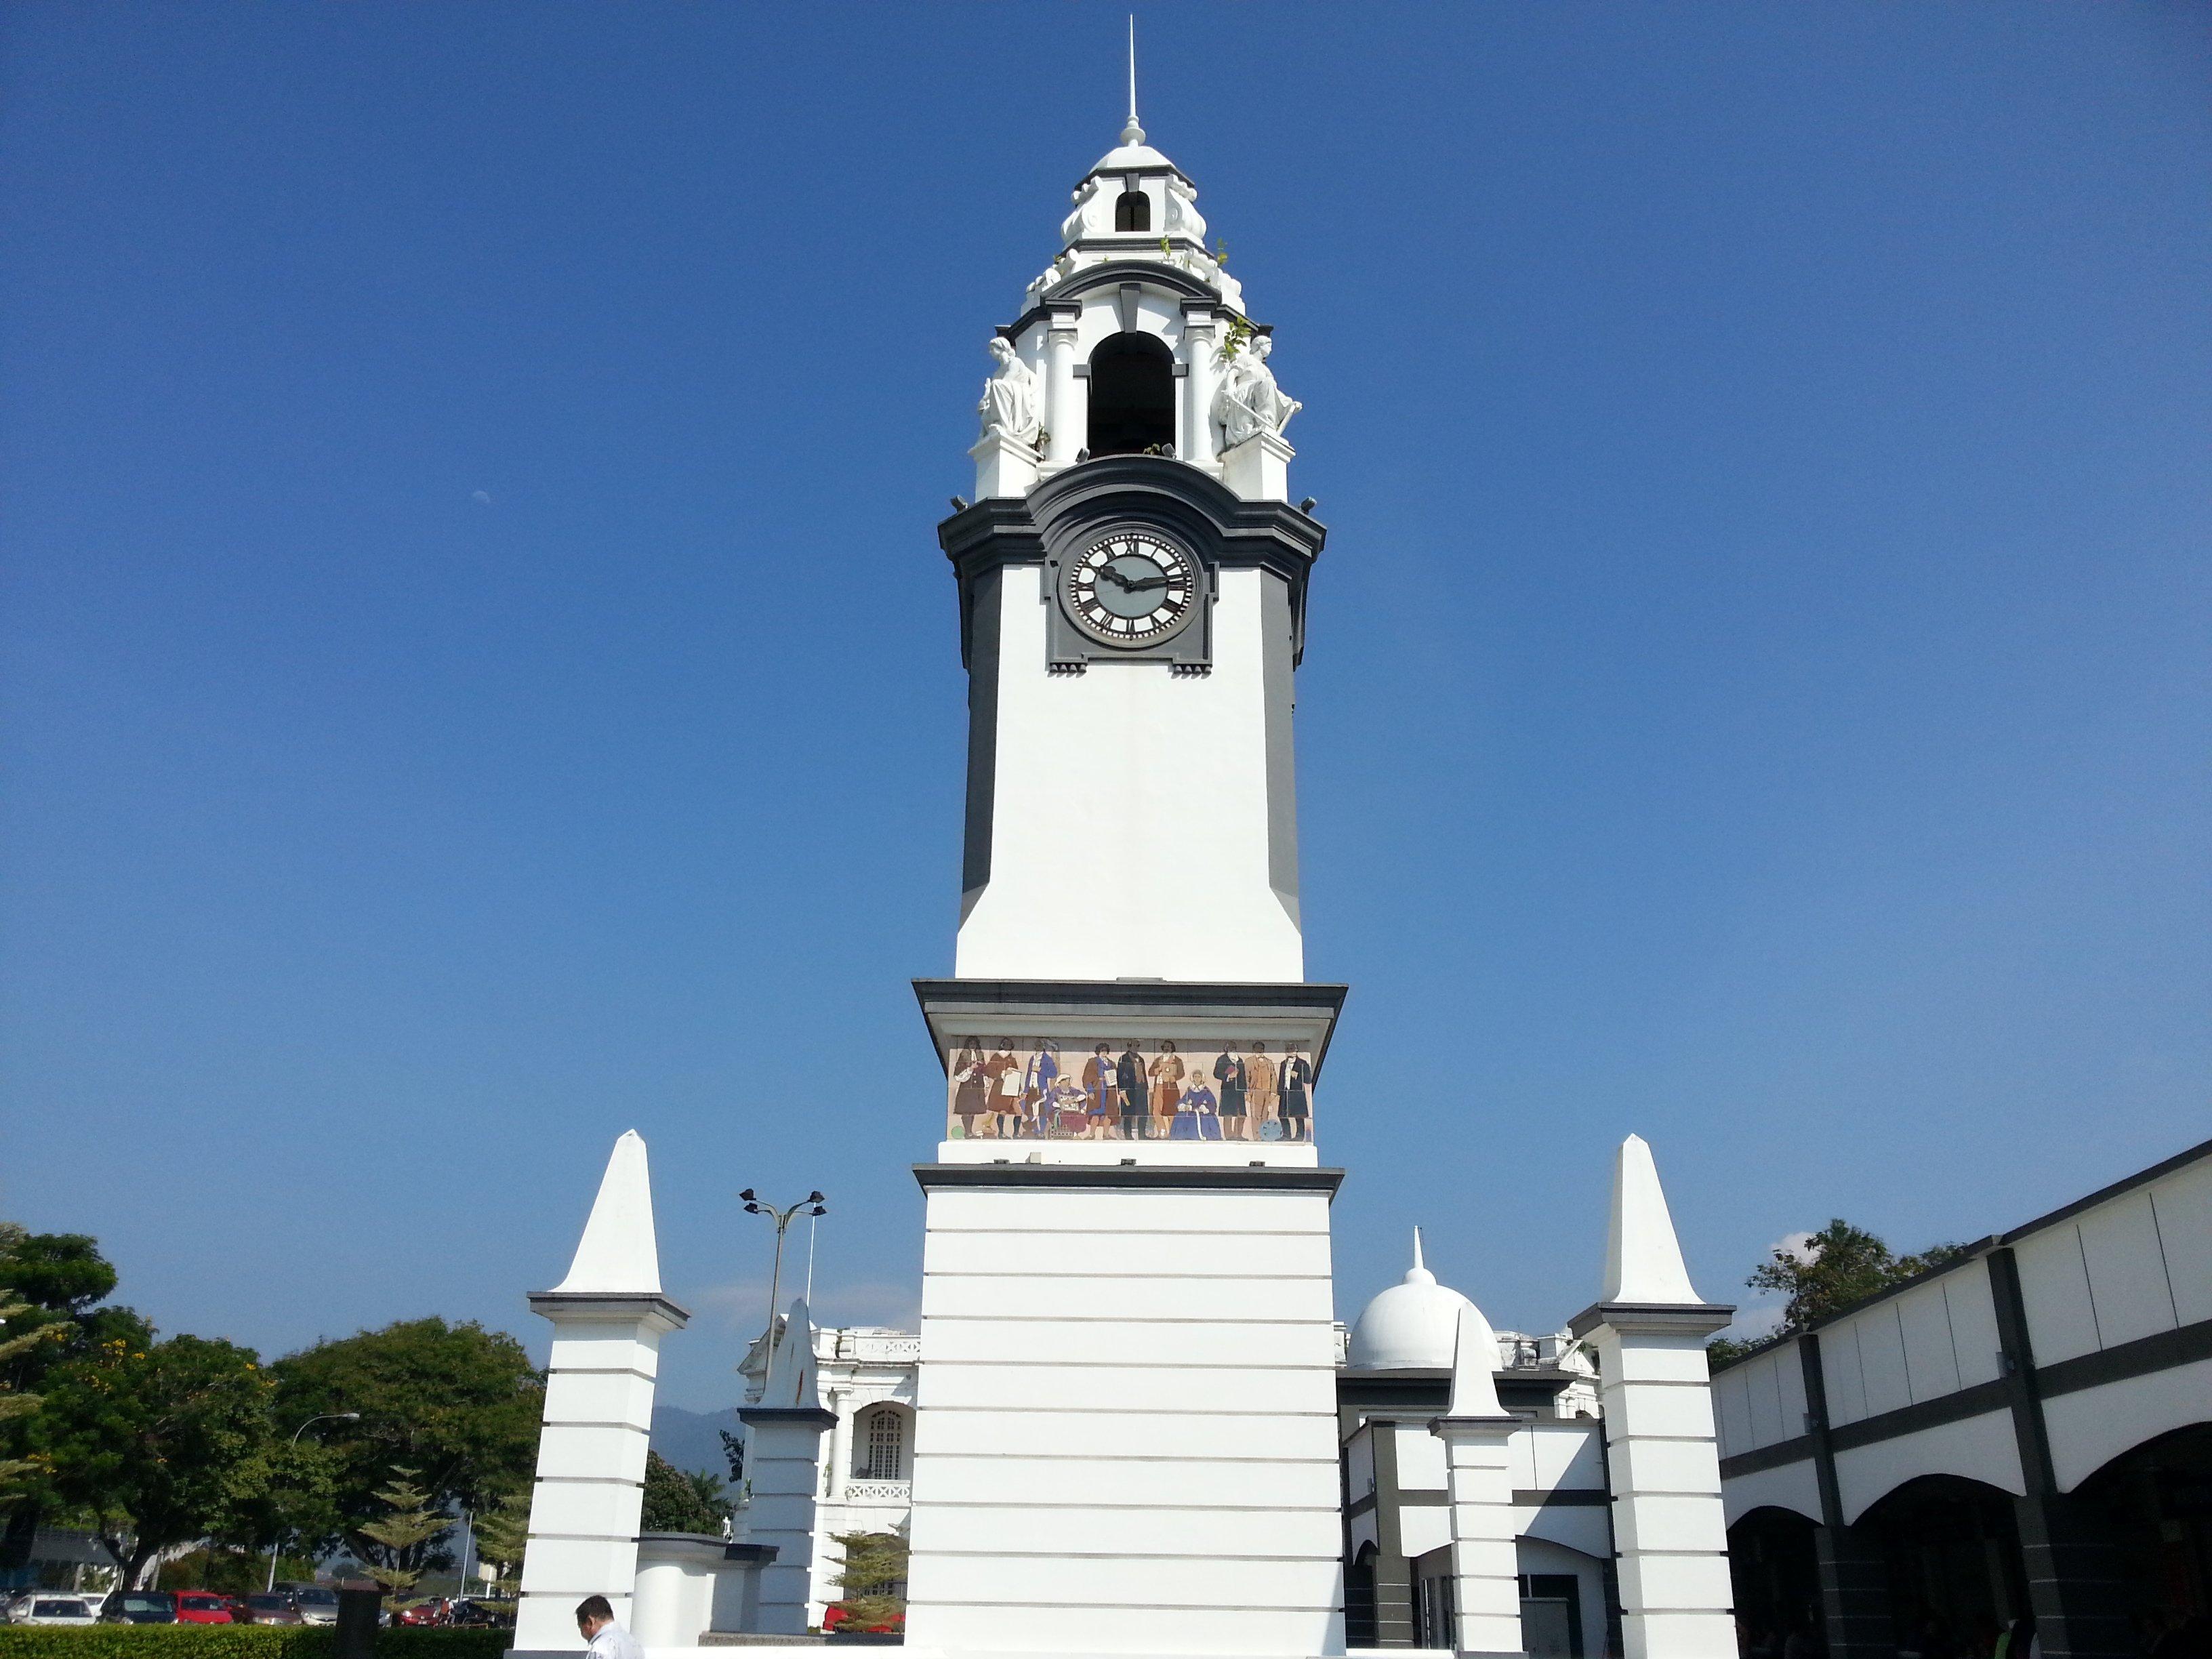 Birch Memorial Clock Tower in Ipoh